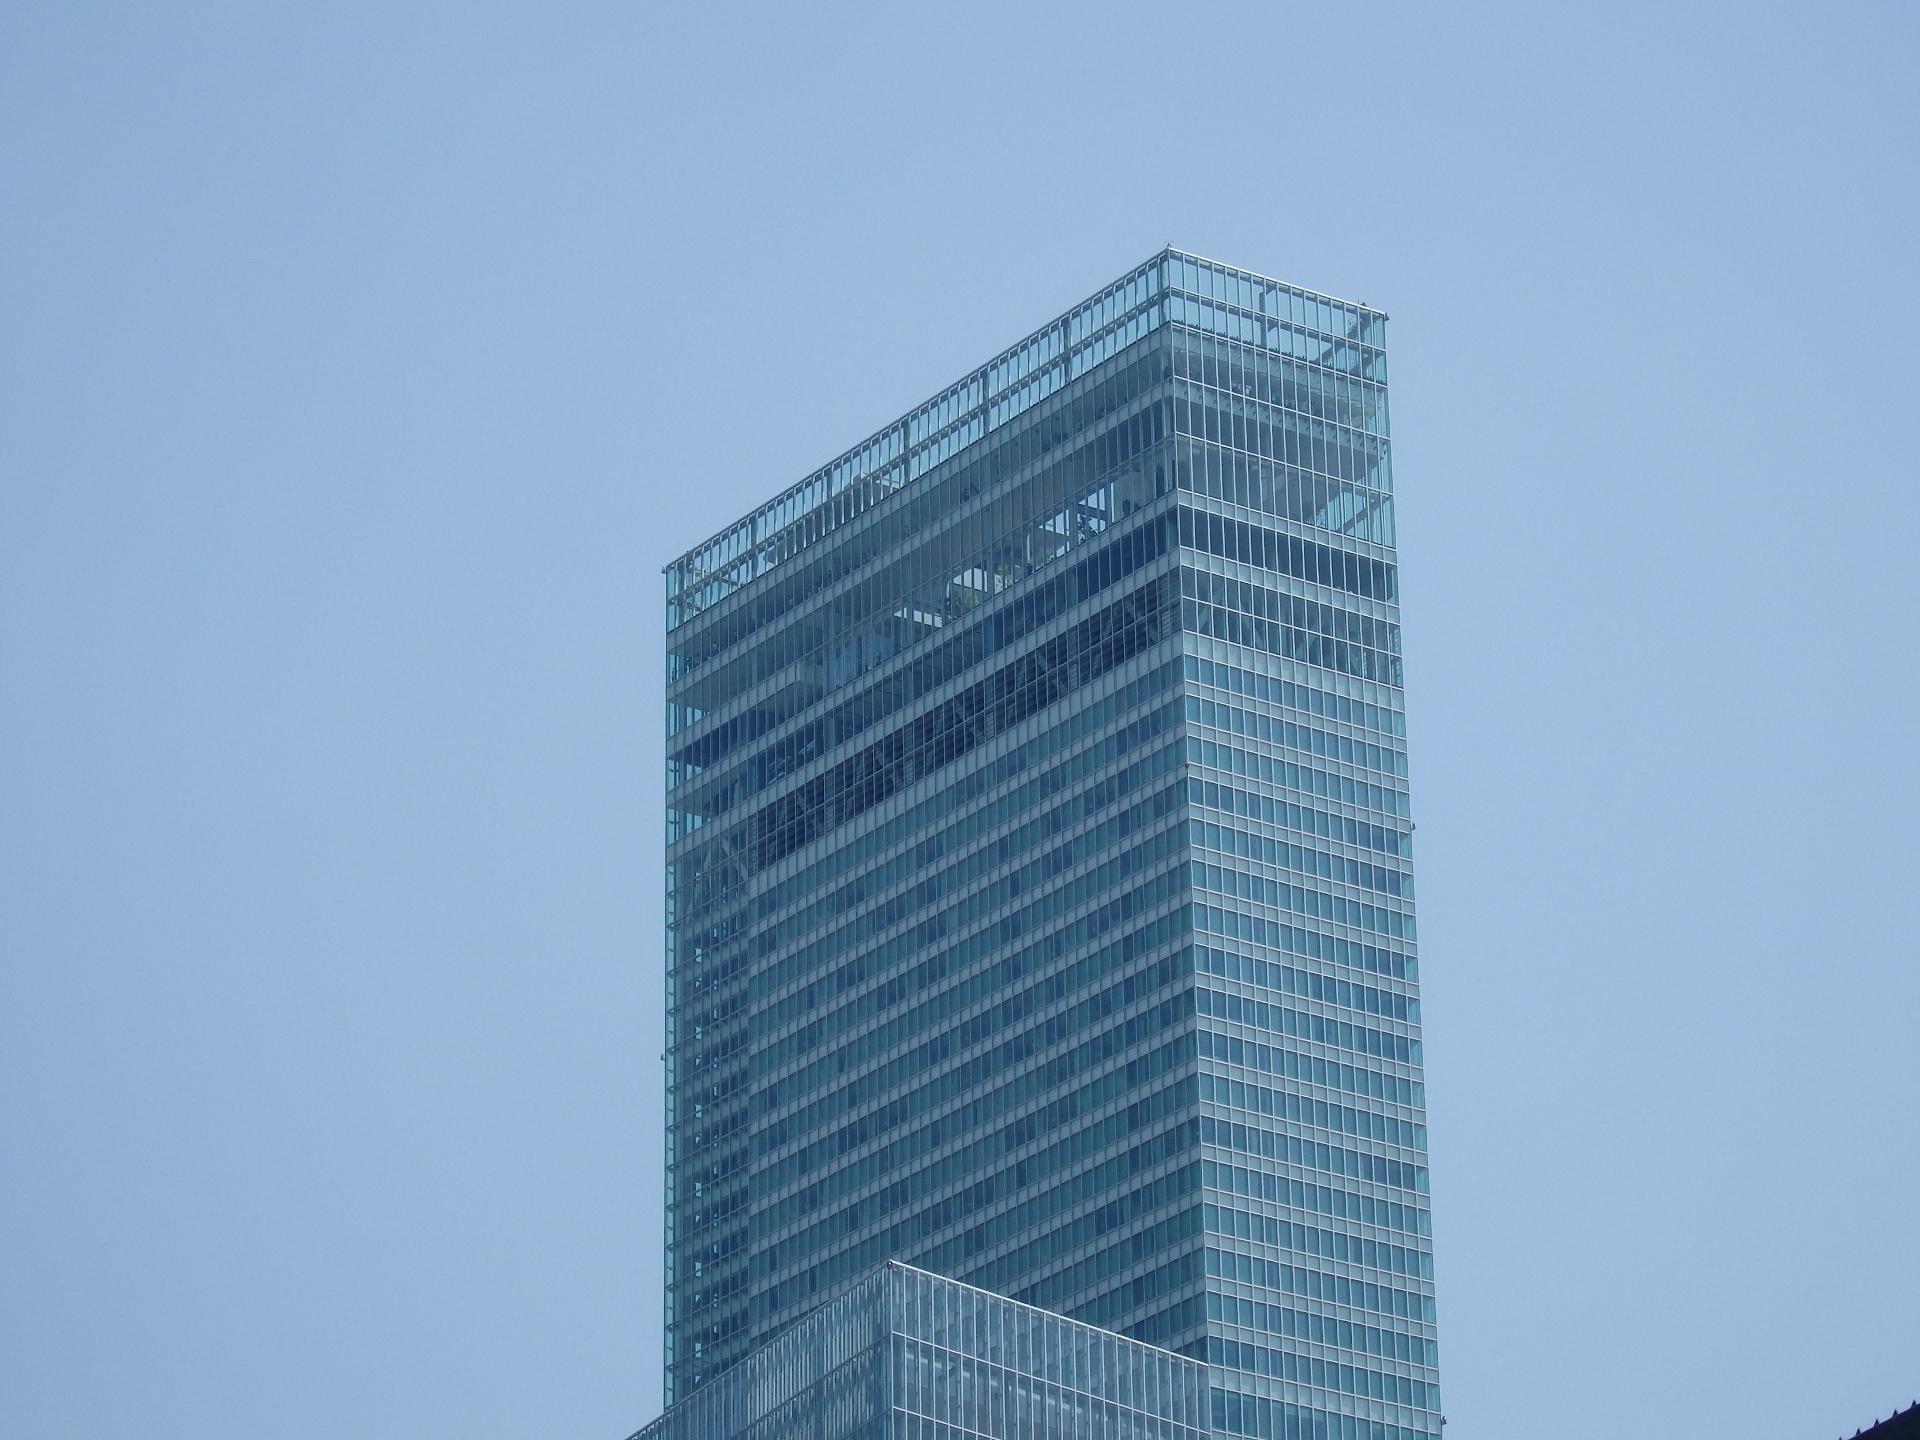 四条畷駅のトイレからも見えるアベノハルカスのタワービルですw。